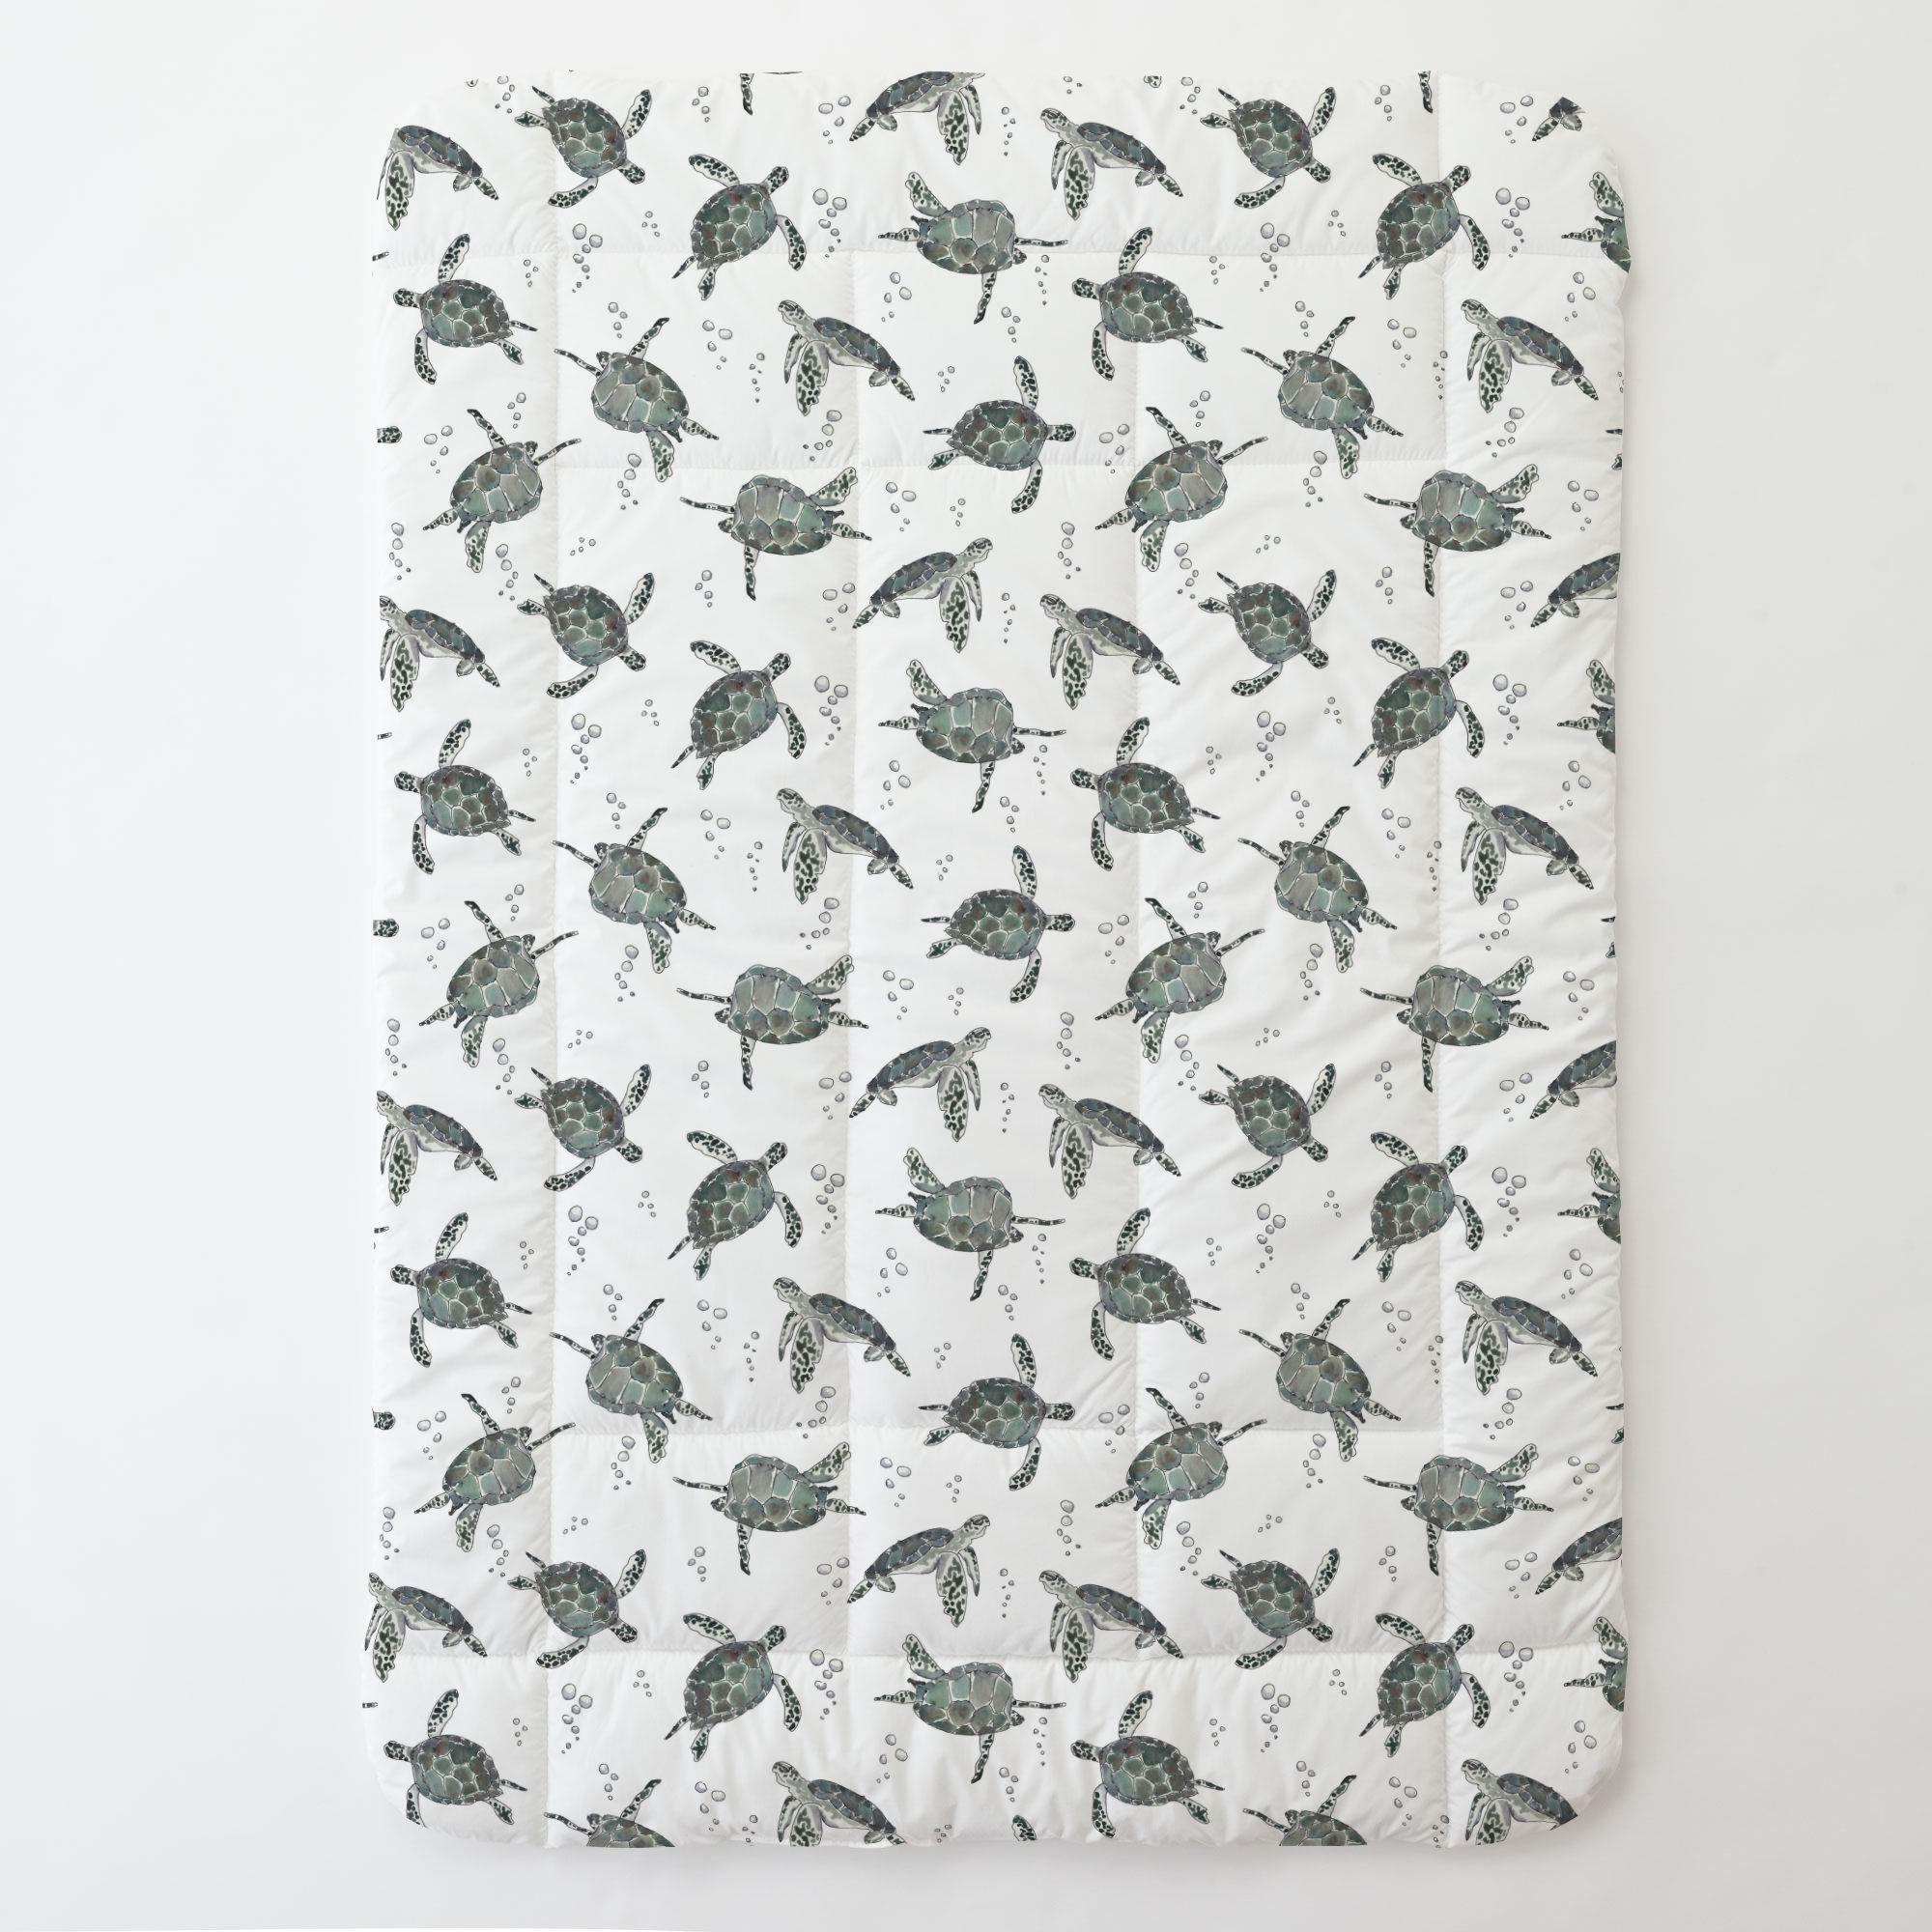 Carousel Designs Sea Turtles Toddler Bed Comforter